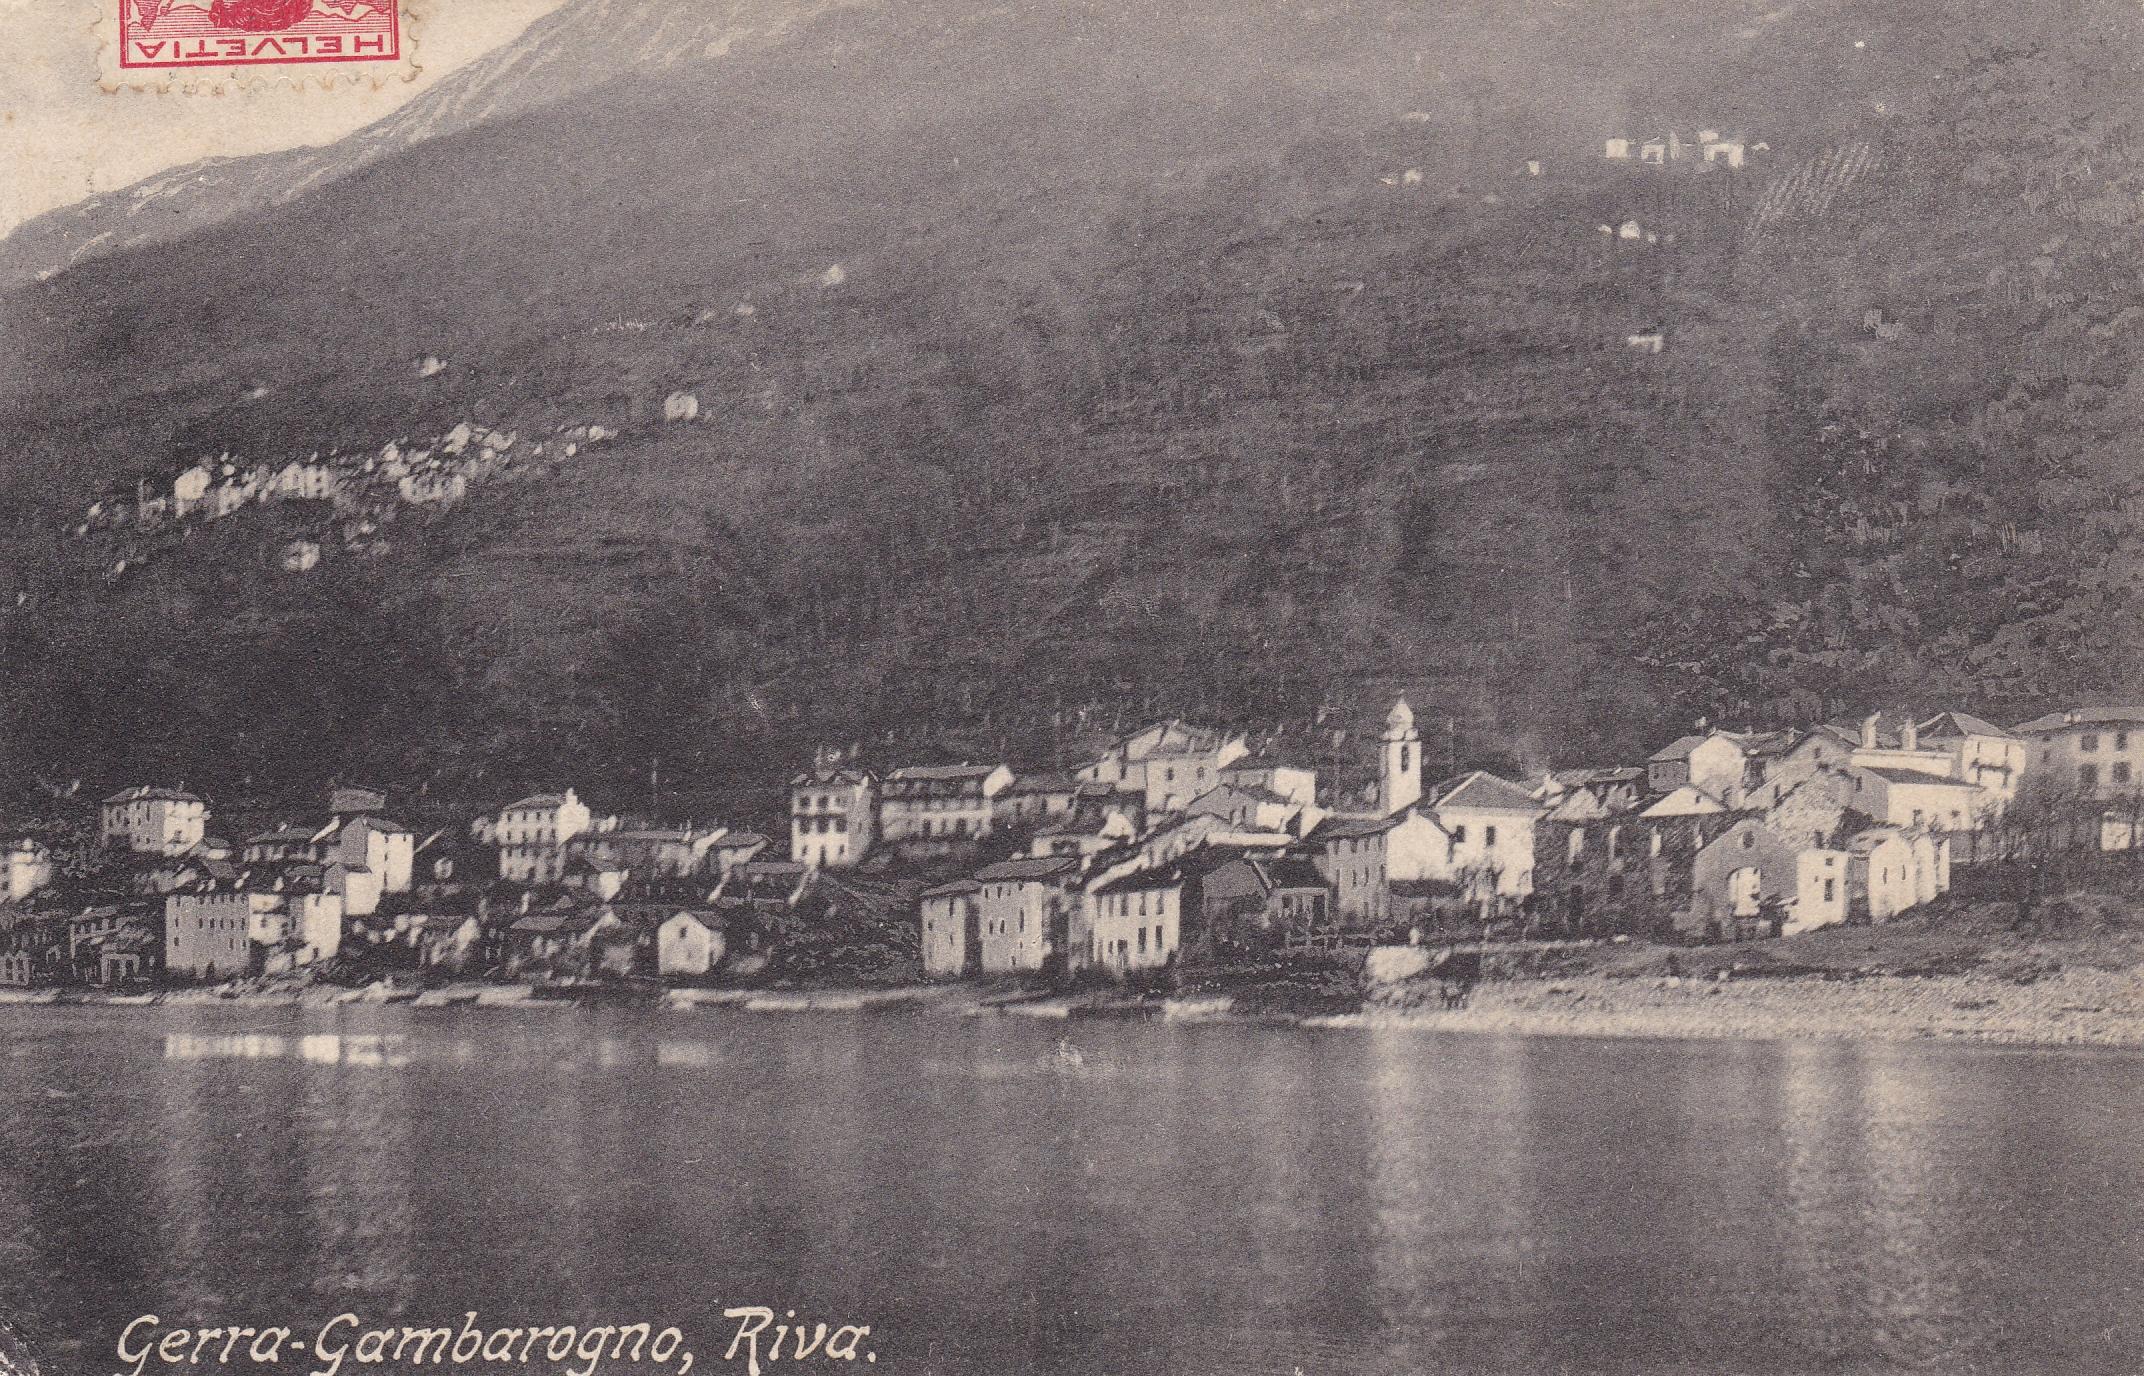 Gerra Gambarogno inizio secolo